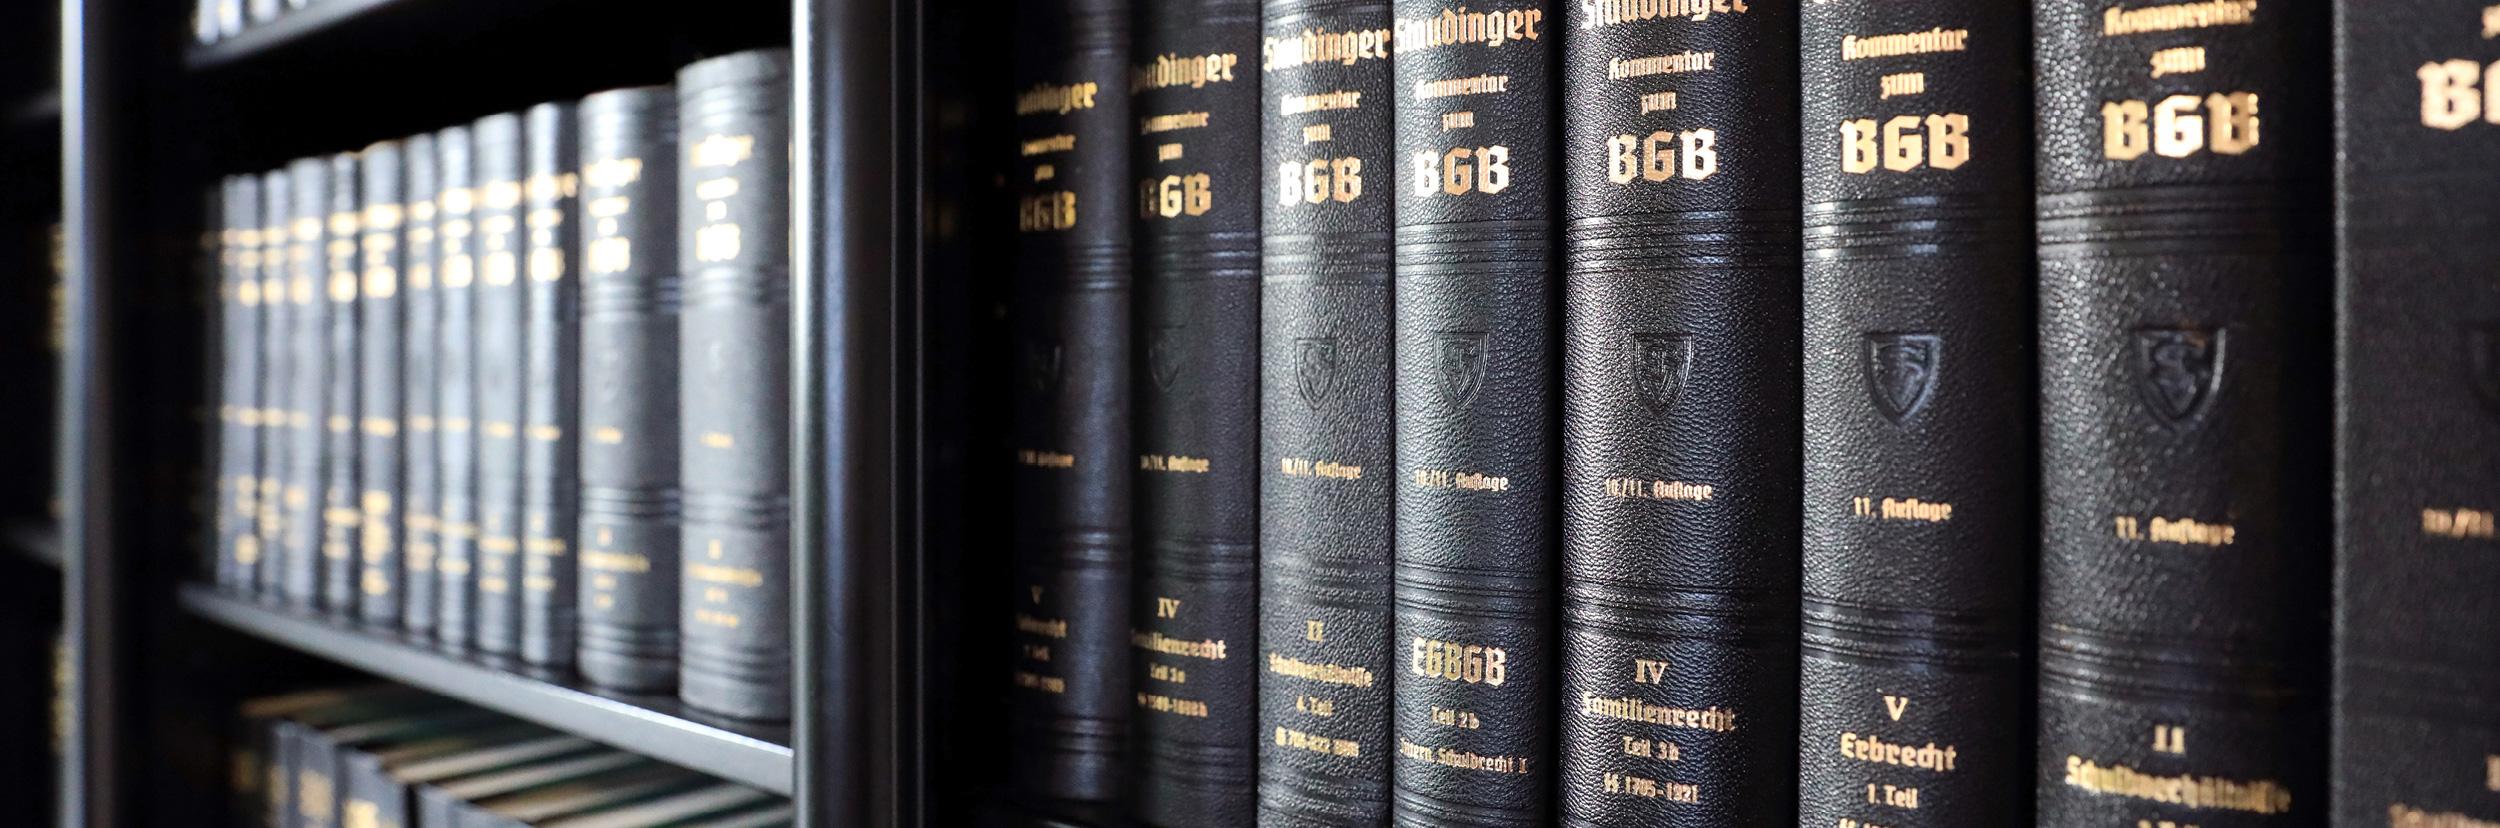 Advoteam Rechtsanwaltskanzlei Bücherregal